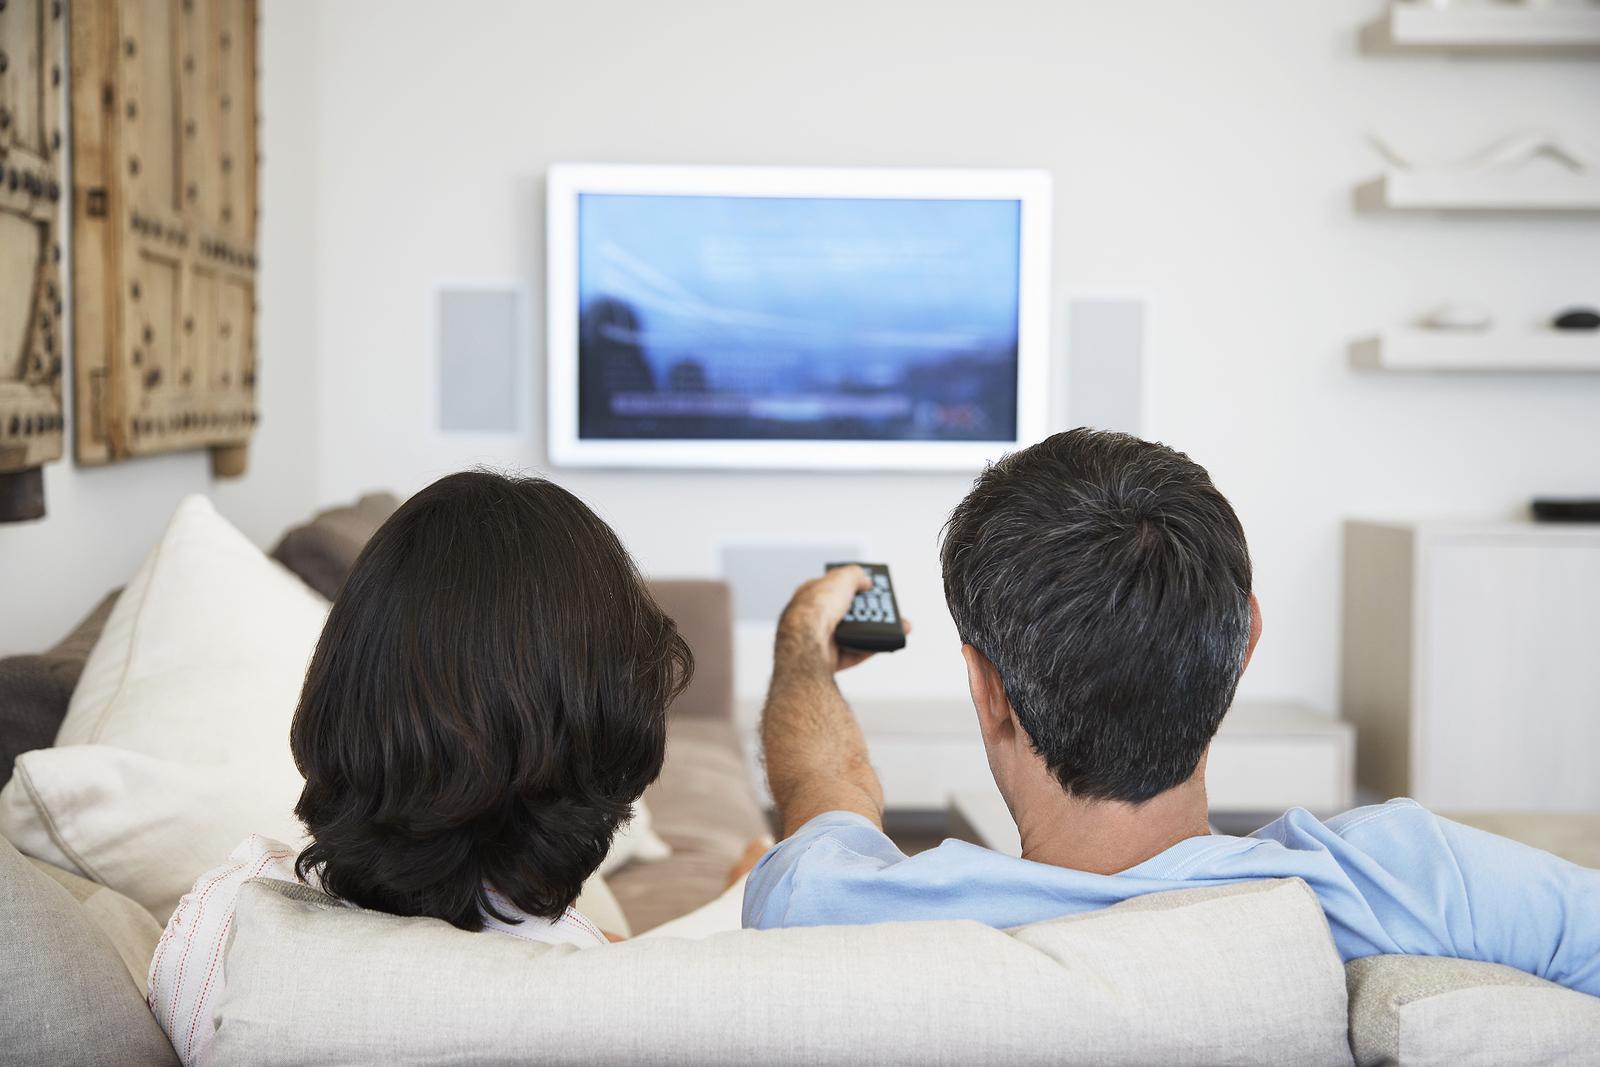 эксперты верили картинки отдыха у телевизора особый вид теста